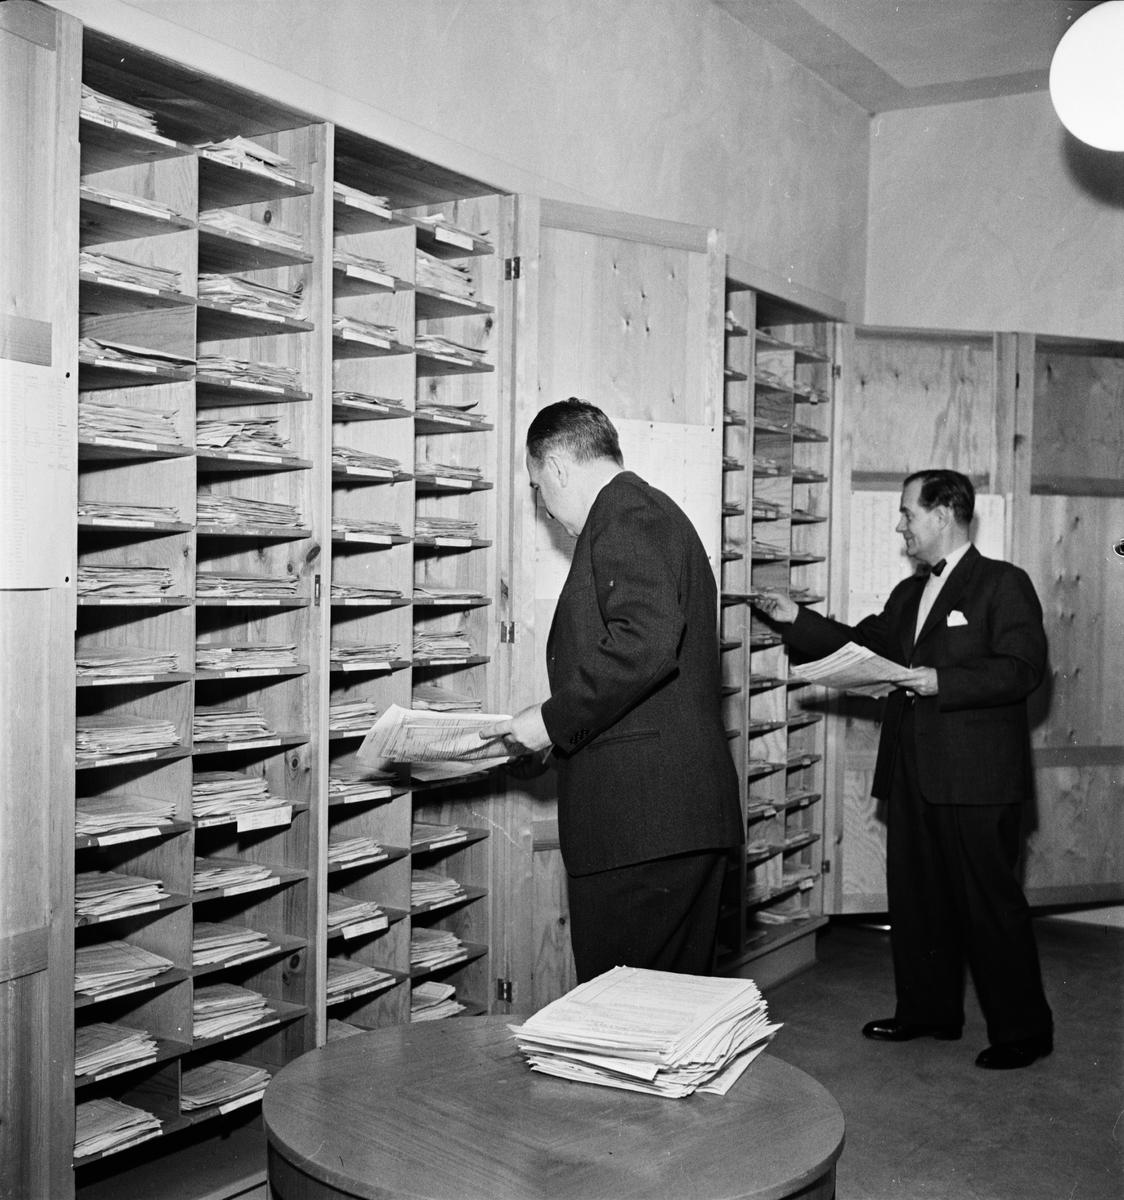 Deklarationer, Uppbördskontoret, Uppsala 1954